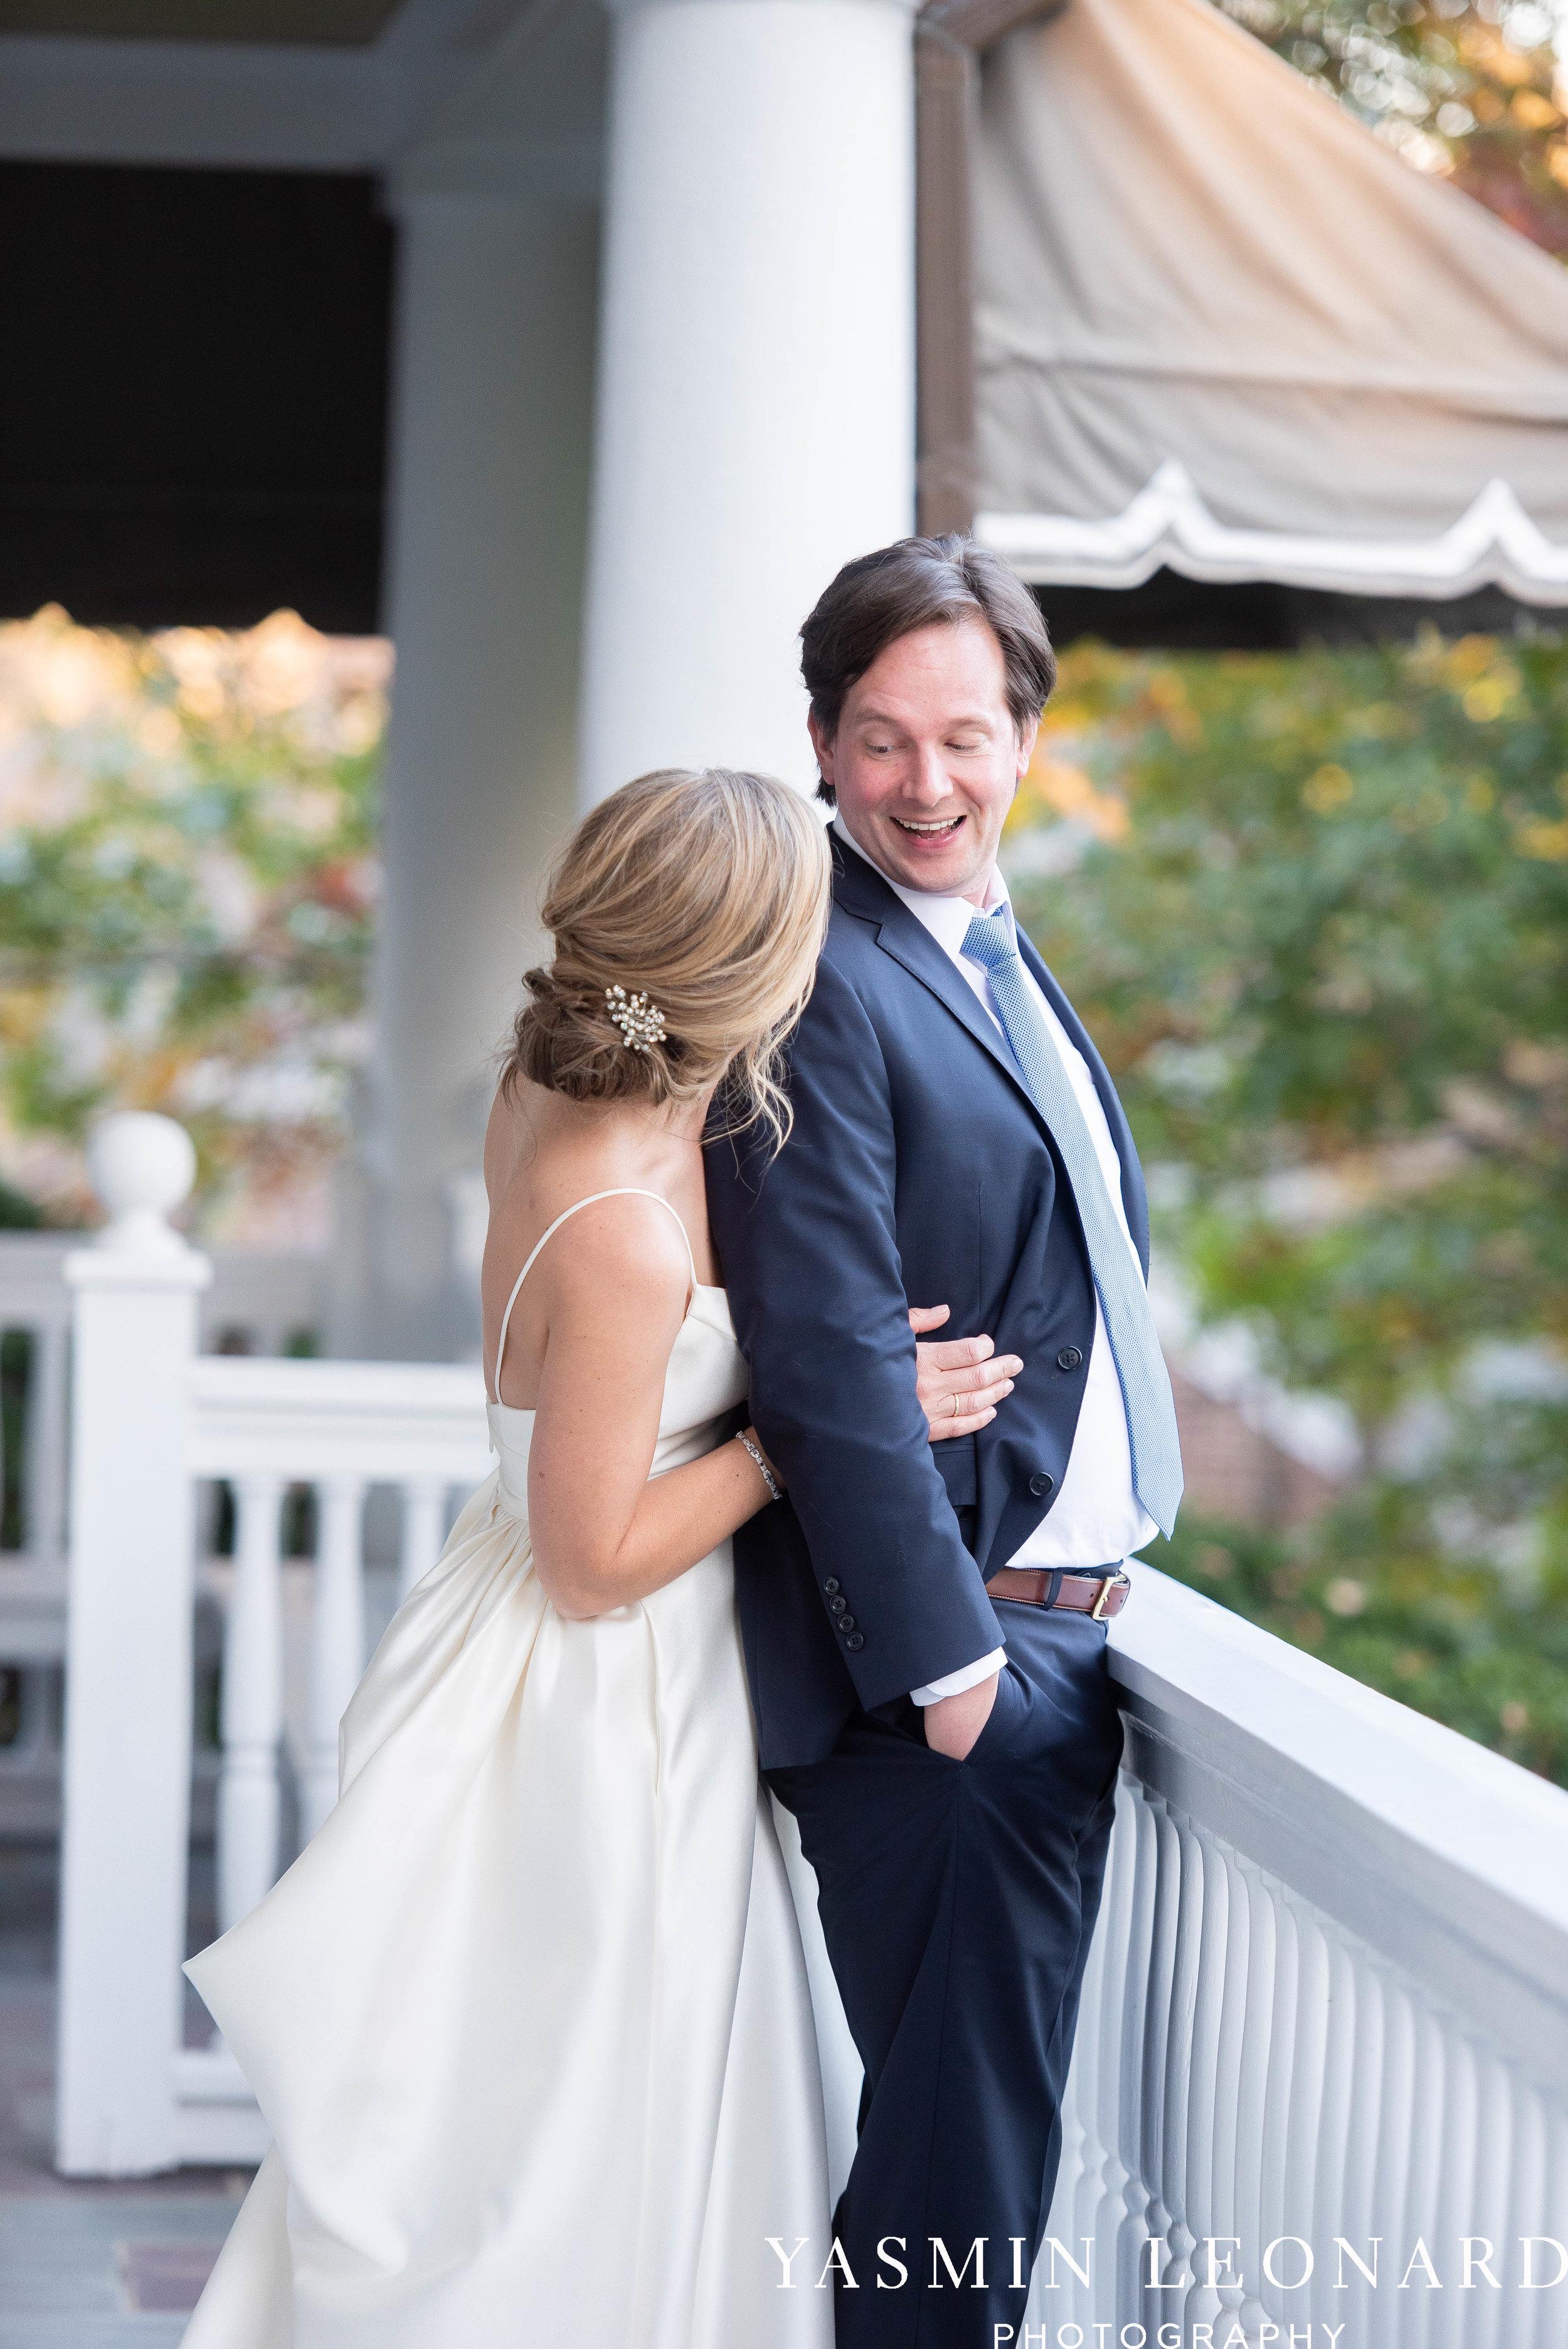 Wesley Memorial United Methodist Church - EmeryWood - High Point Weddings - High Point Wedding Photographer - NC Wedding Photographer - Yasmin Leonard Photography-72.jpg